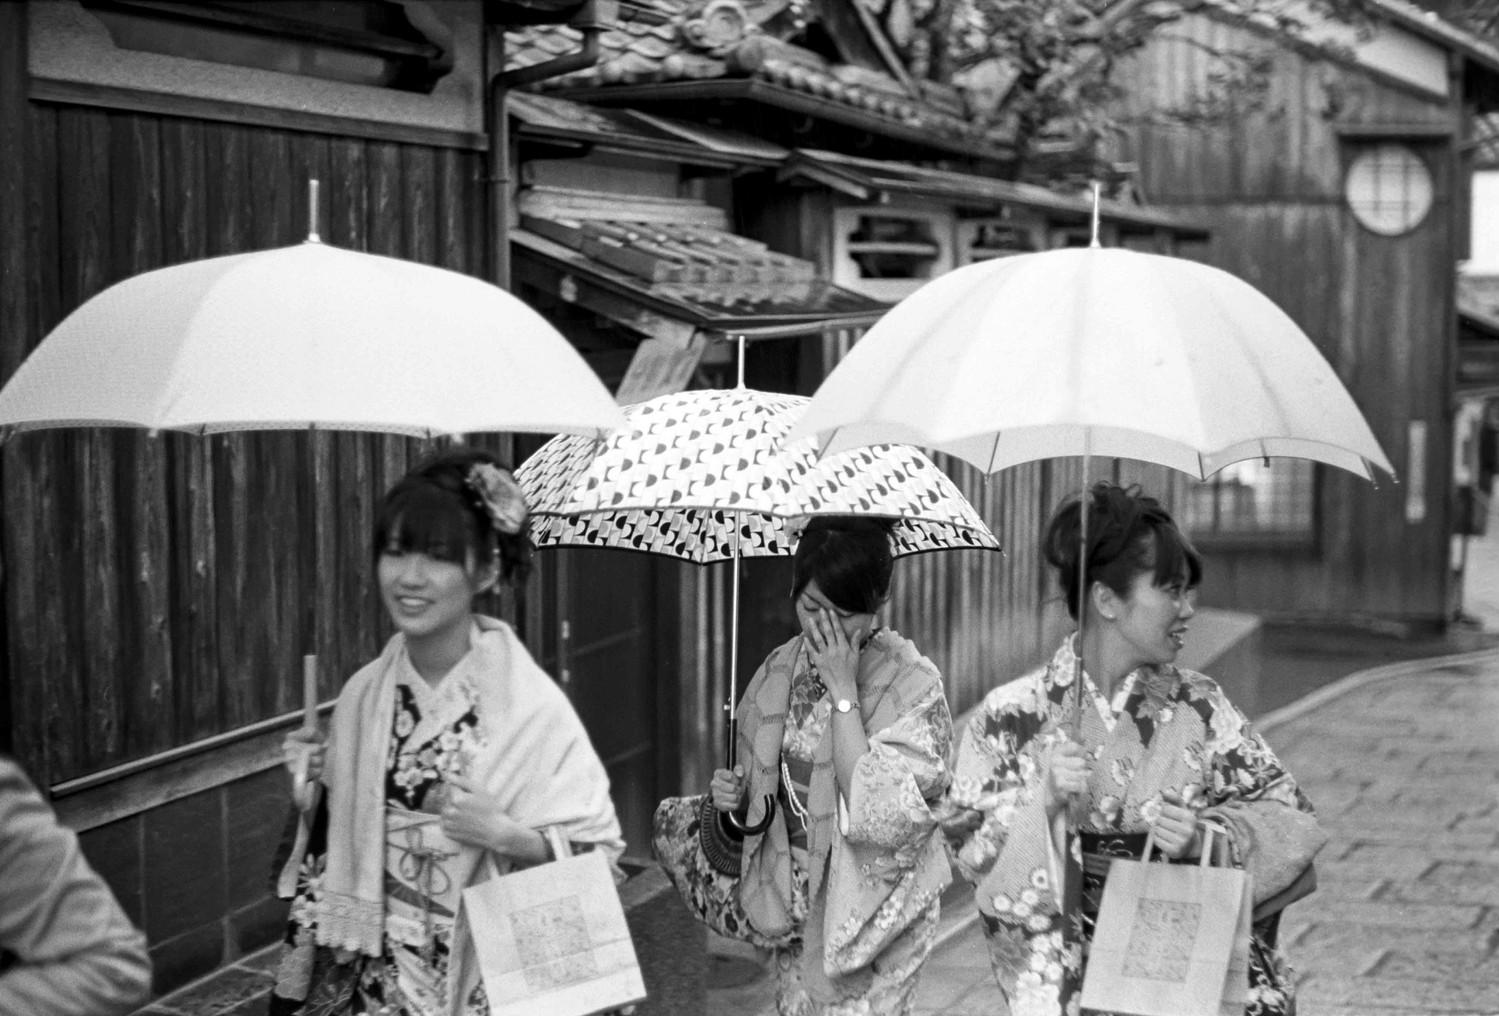 Kyoto 2010 • Umbrellas